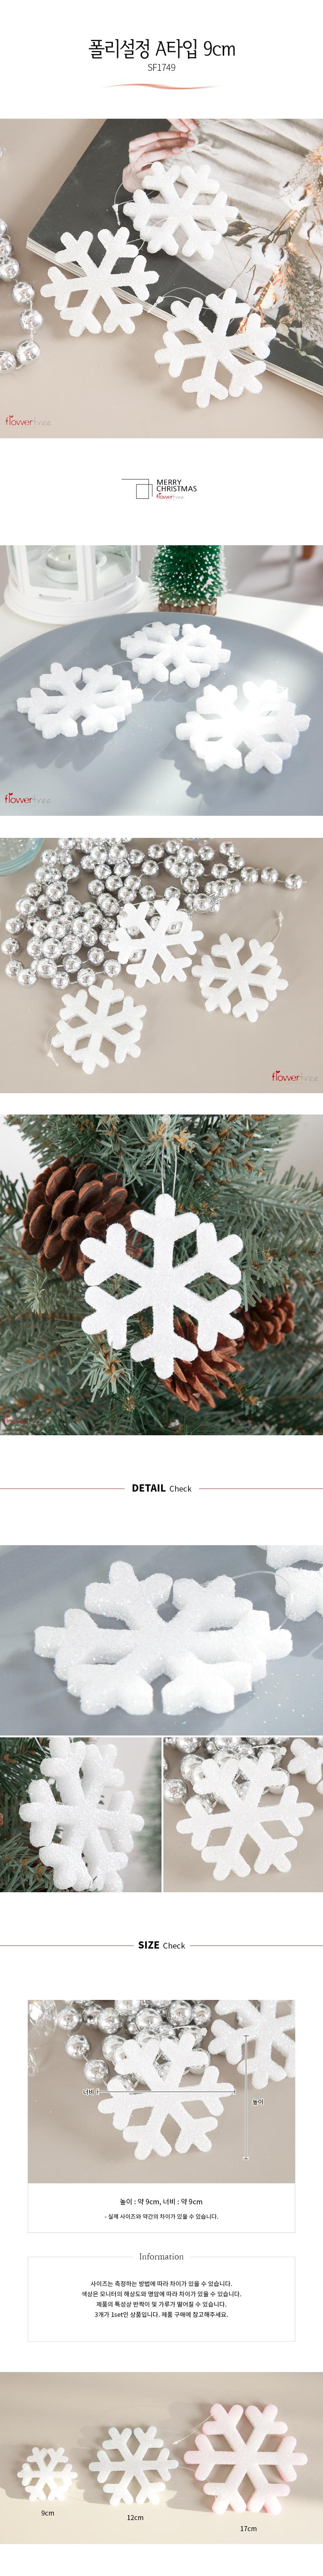 폴리설정A 9cm(3개입) [트리] - 플라워트리, 700원, 장식품, 크리스마스소품